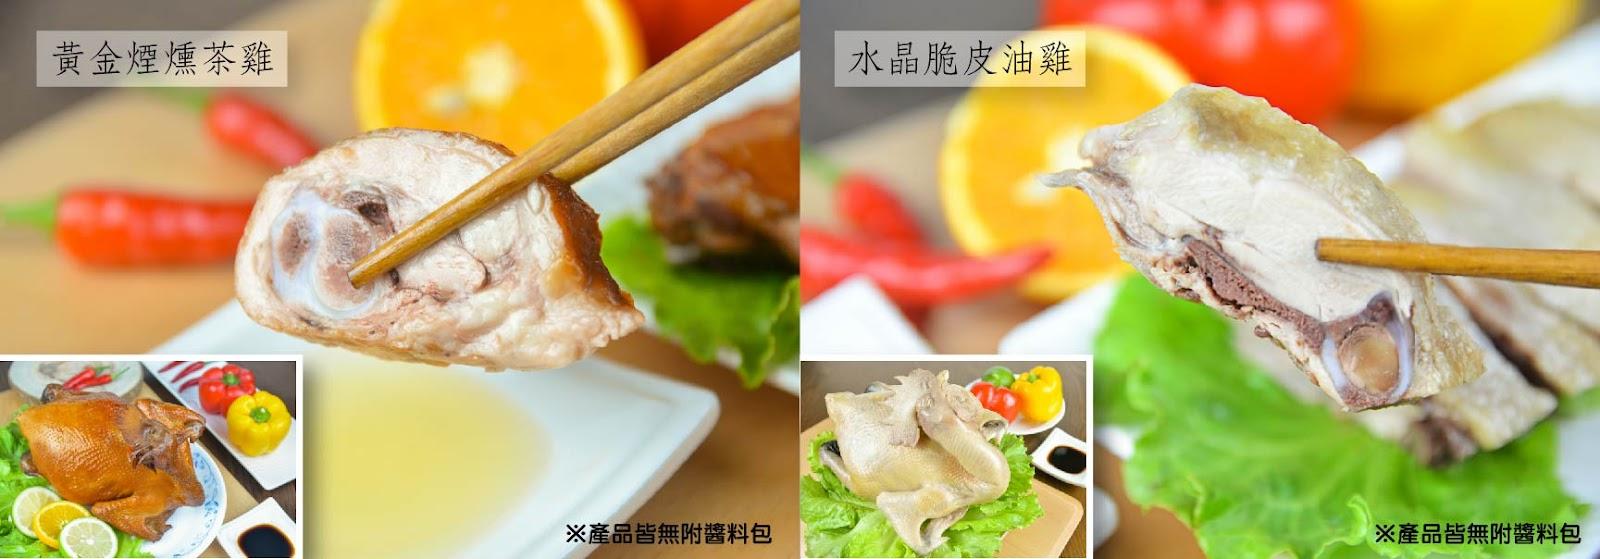 農饗燻茶雞、農饗油雞